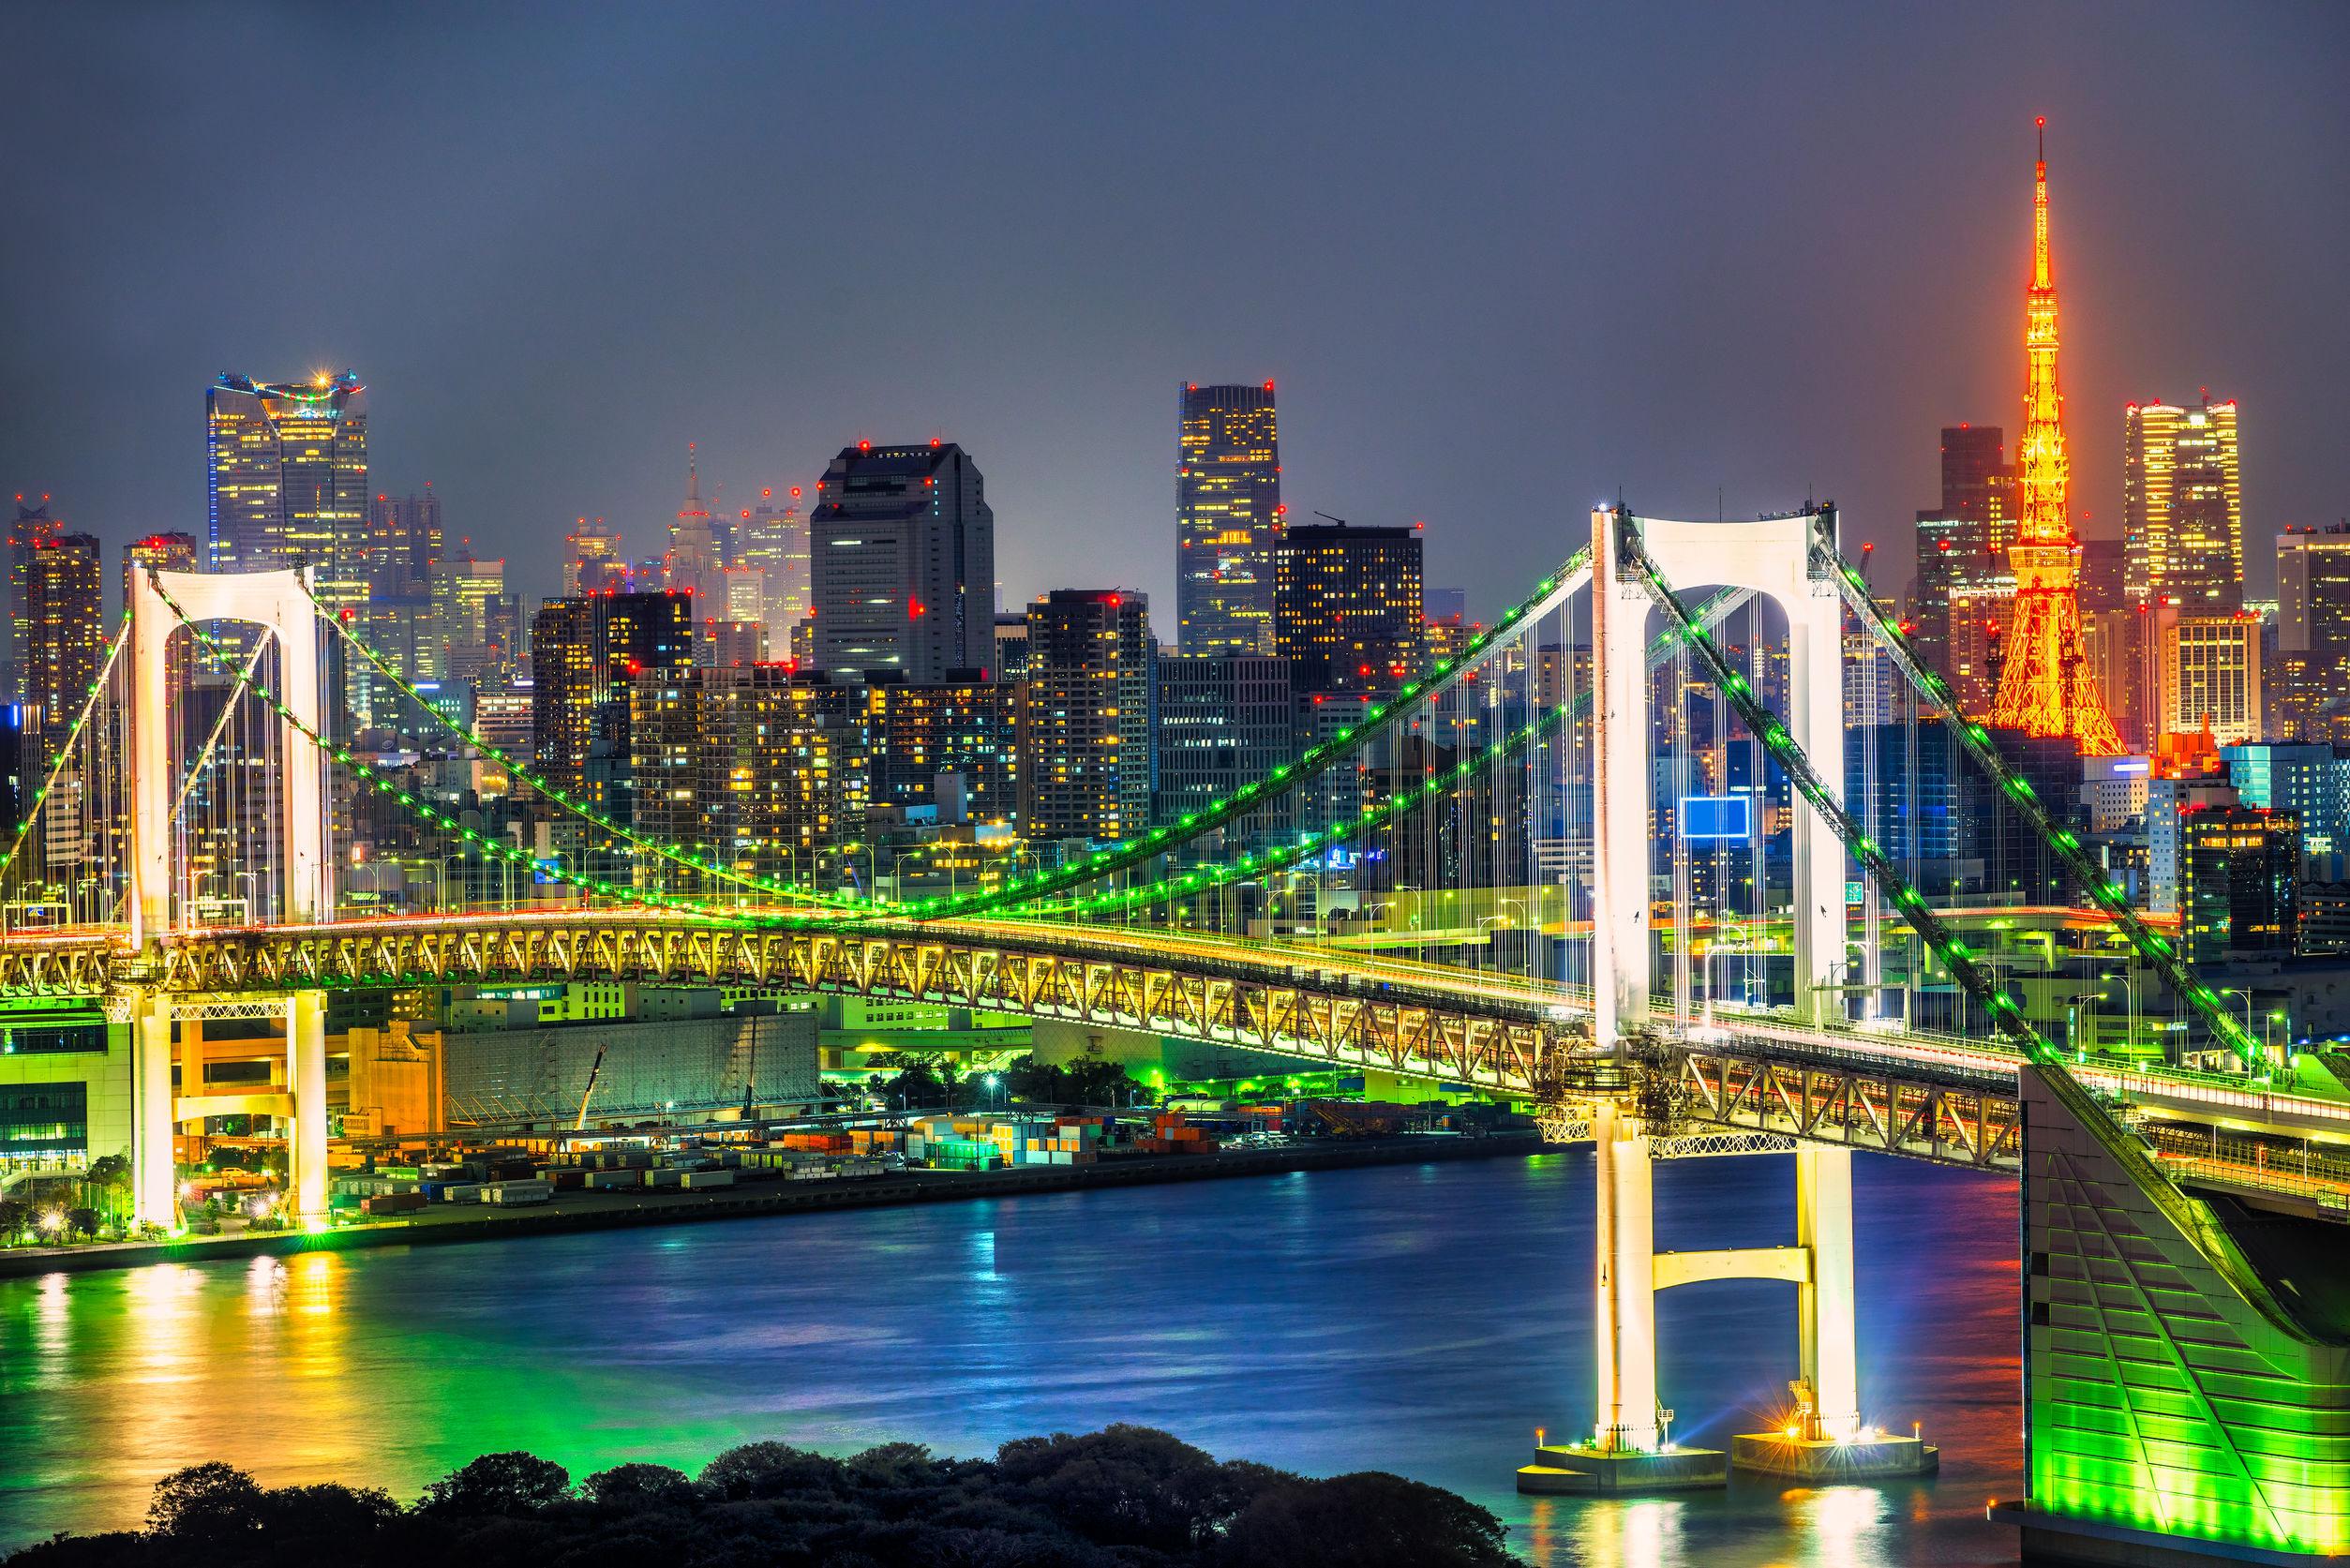 طوكيو اليابان جسر قوس قزح